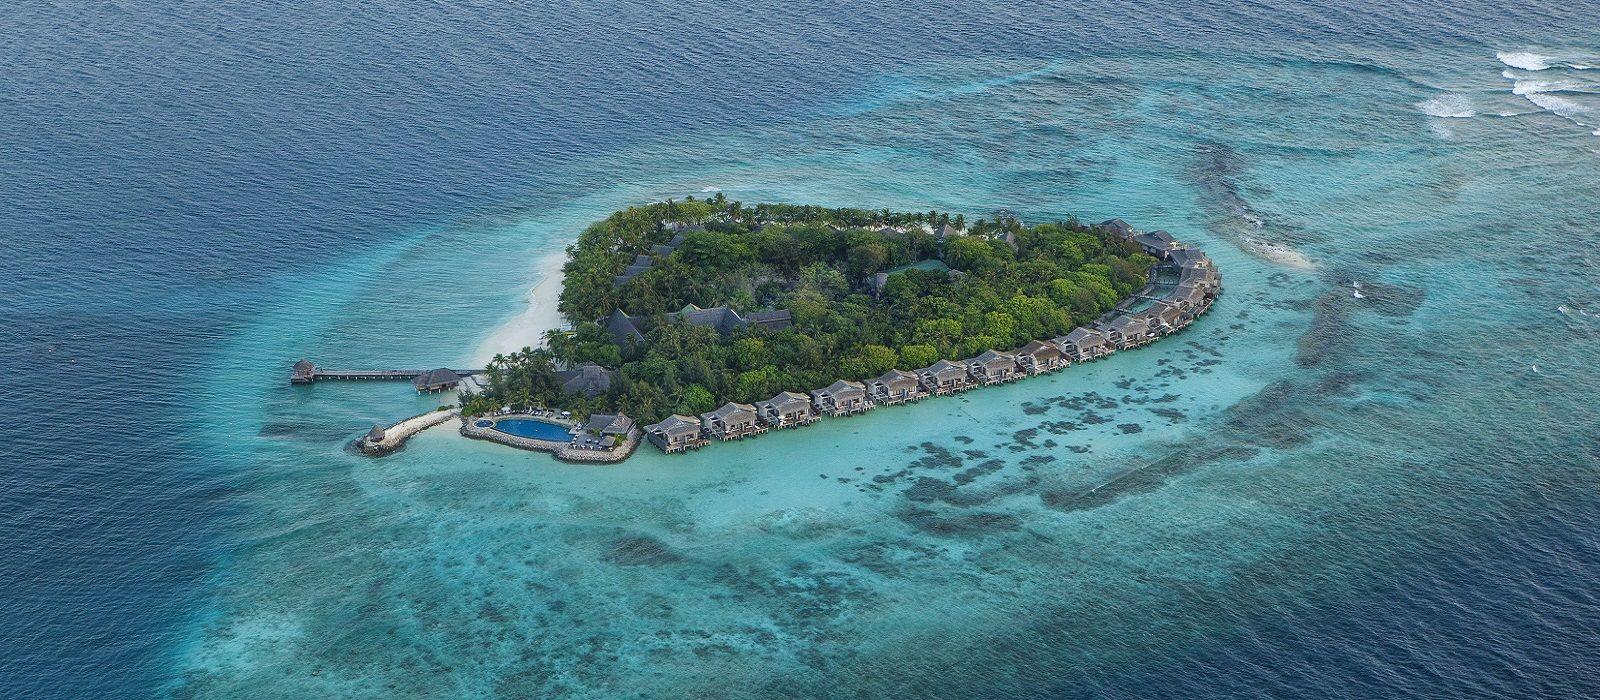 Surreal Sands: Dubai & Maldives Tour Trip 1